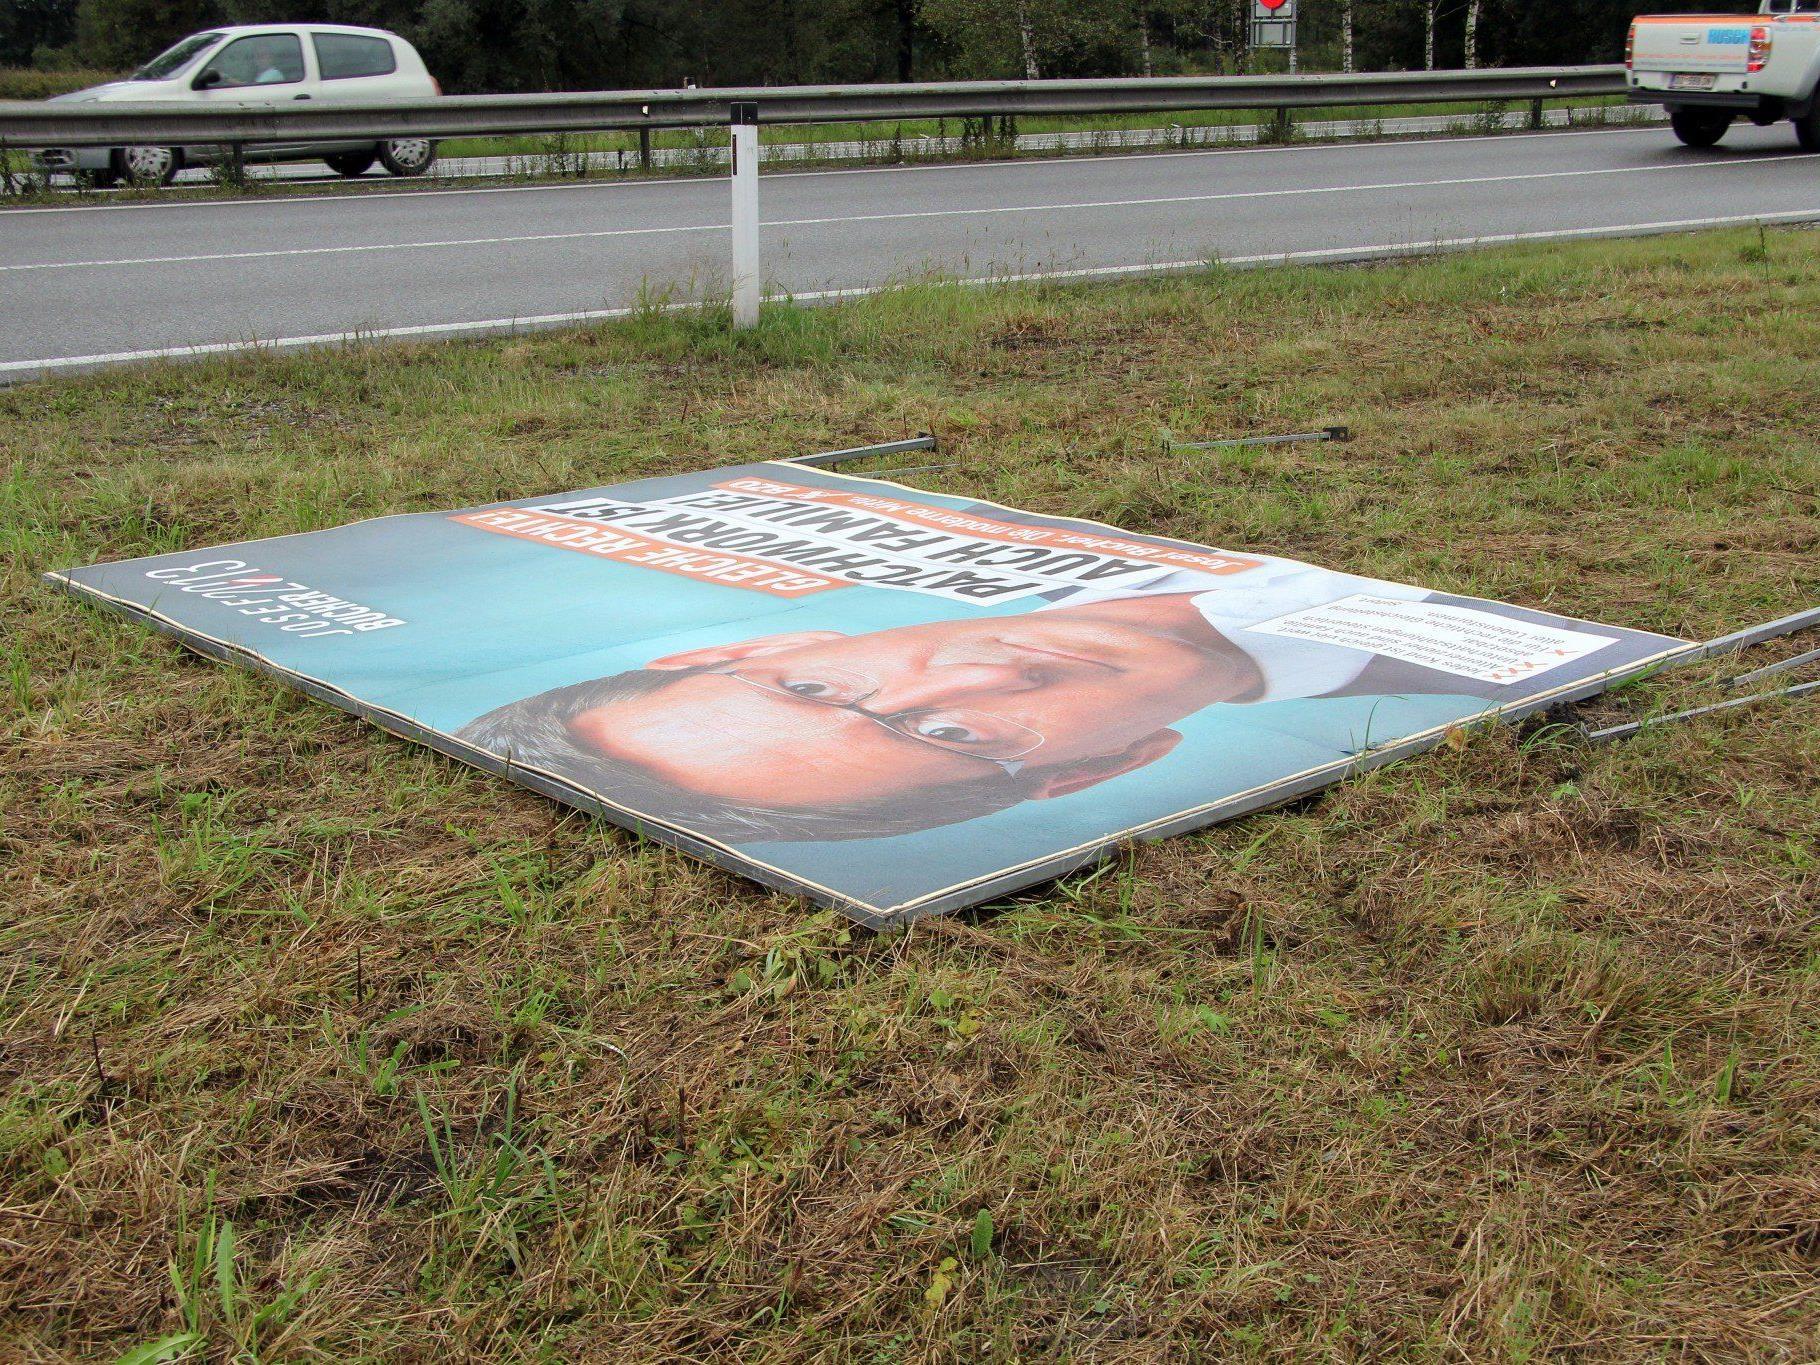 Außerorts und zu nahe am Kreisverkehr: Die Aufstellung des Plakates entsprach nicht den Auflagen.